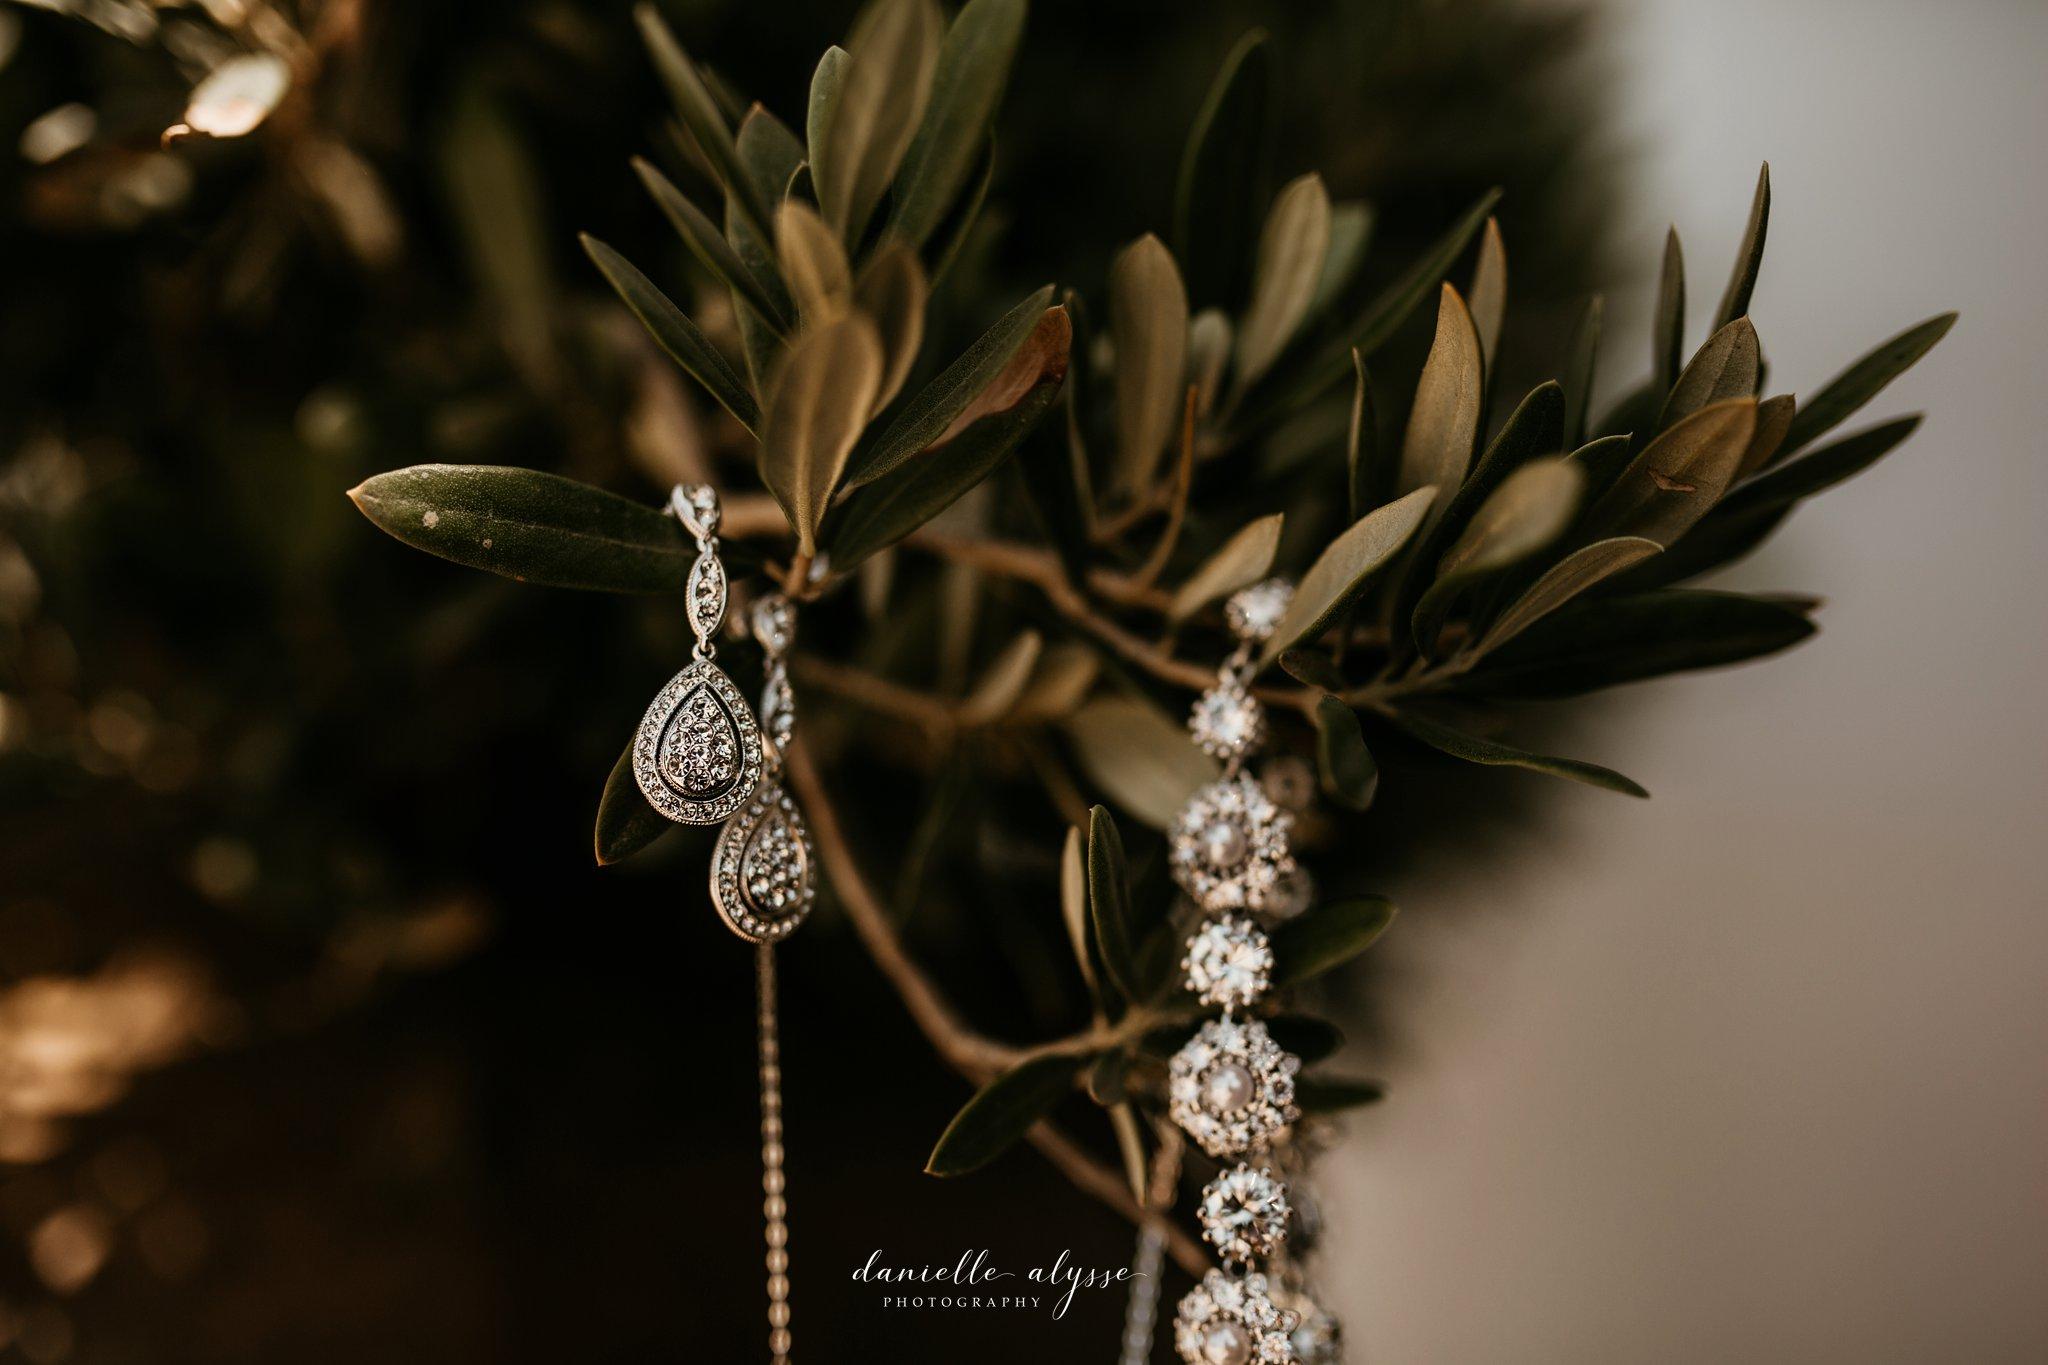 180630_wedding_lily_ryan_mission_soledad_california_danielle_alysse_photography_blog_42_WEB.jpg